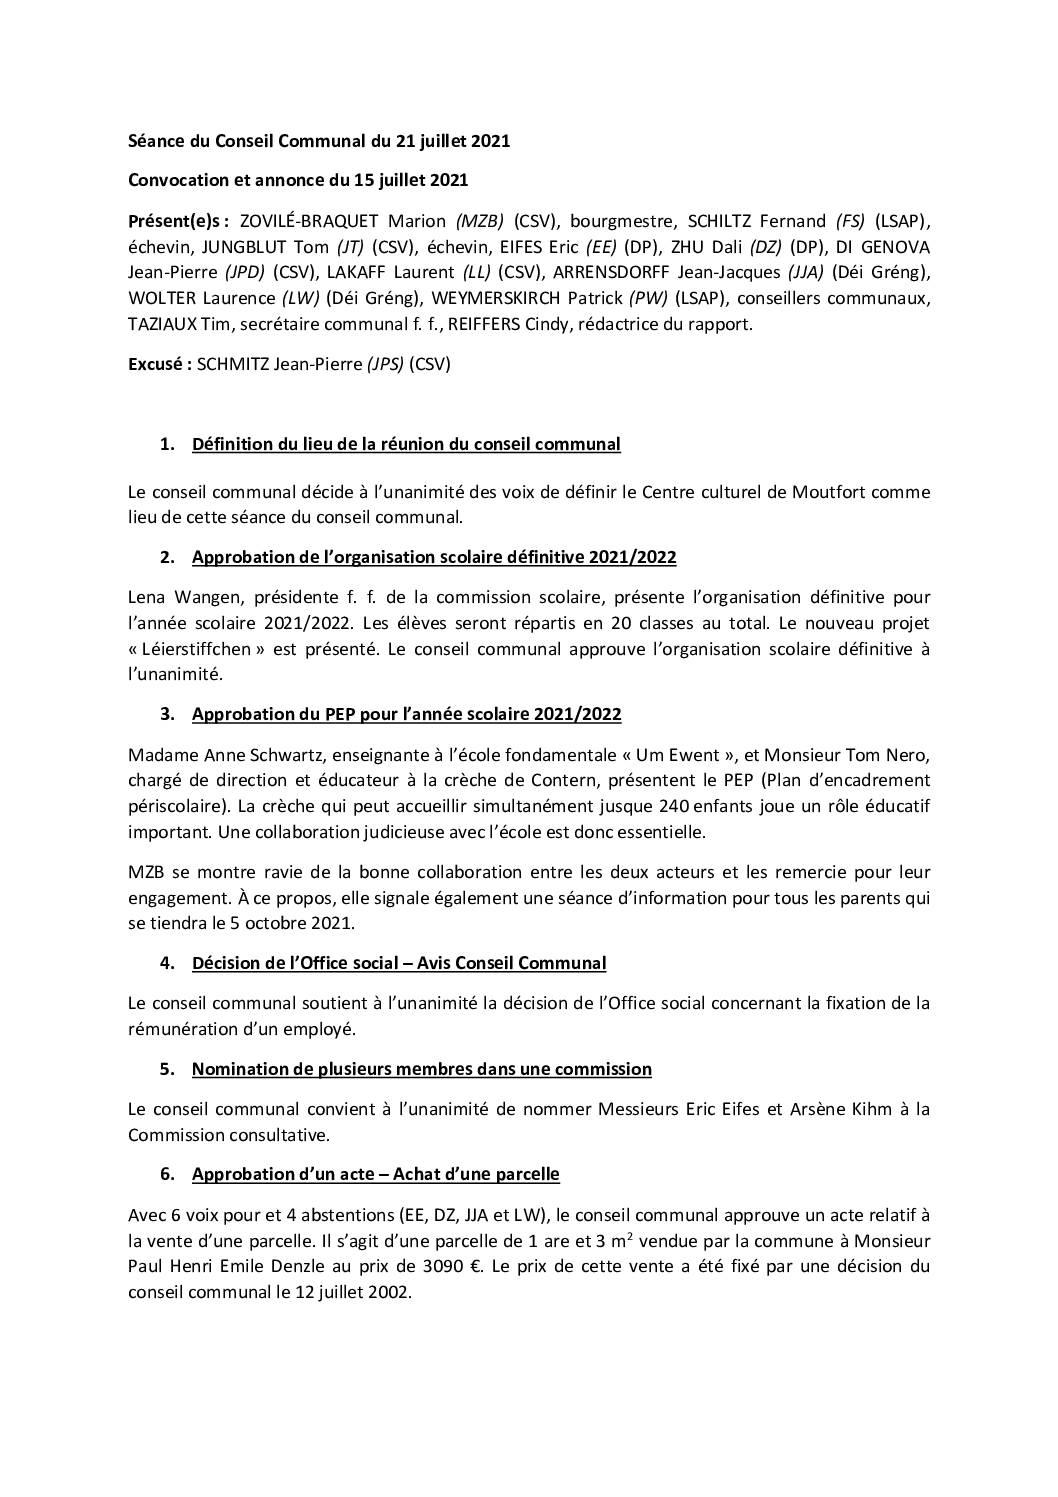 2021 07 21 Rapport du conseil communal